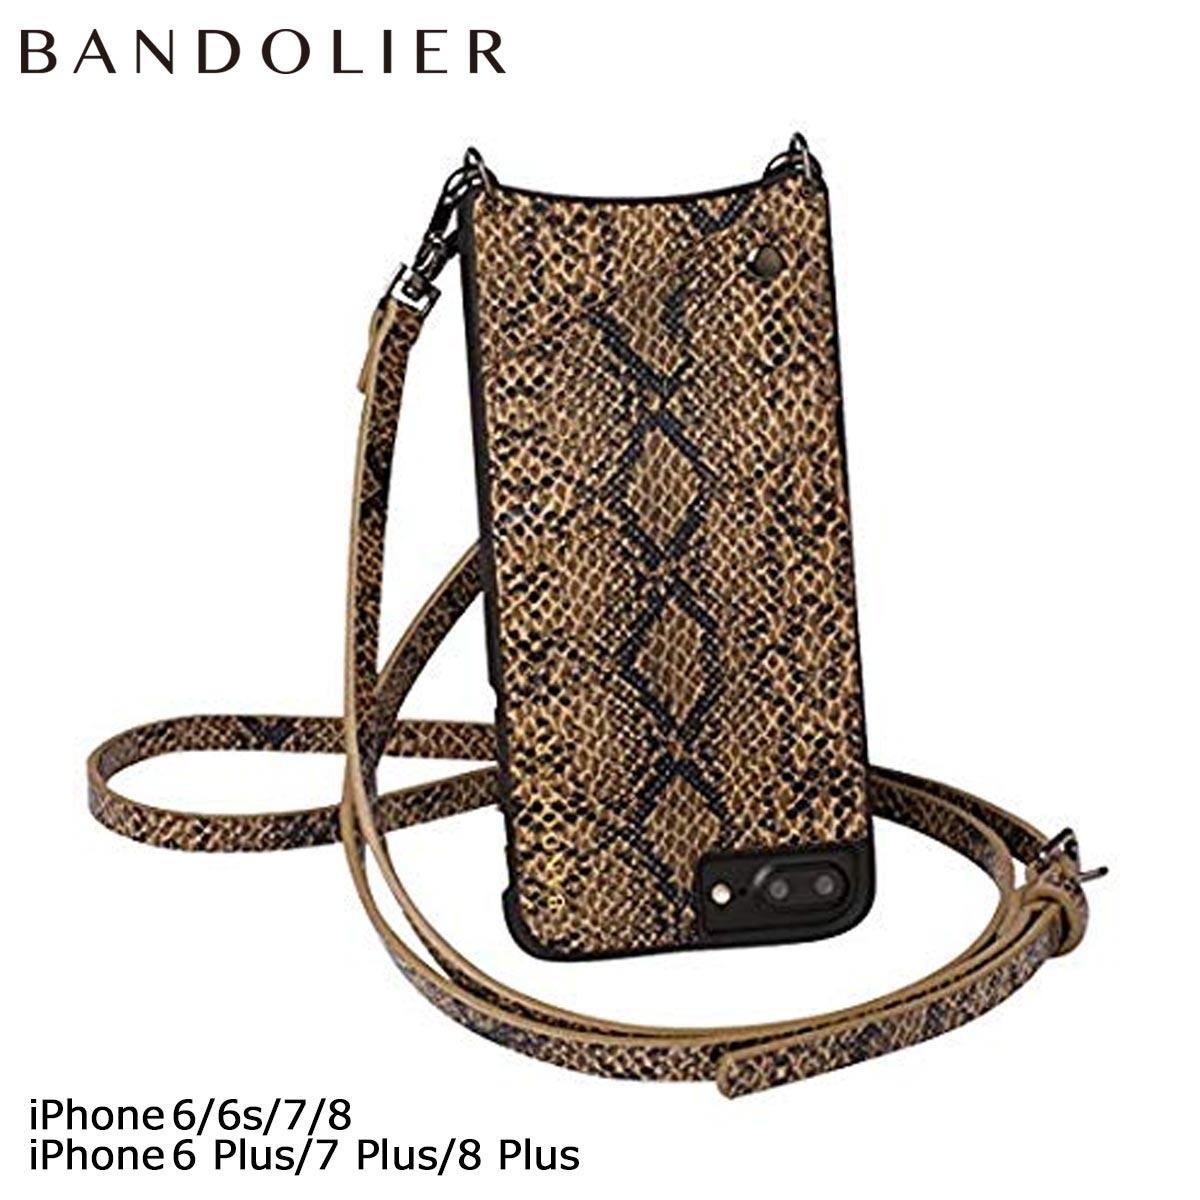 バンドリヤー BANDOLIER iPhone8 iPhone7 7Plus 6s ケース スマホ アイフォン プラス CYNTHIA FALL17 レザー メンズ レディース